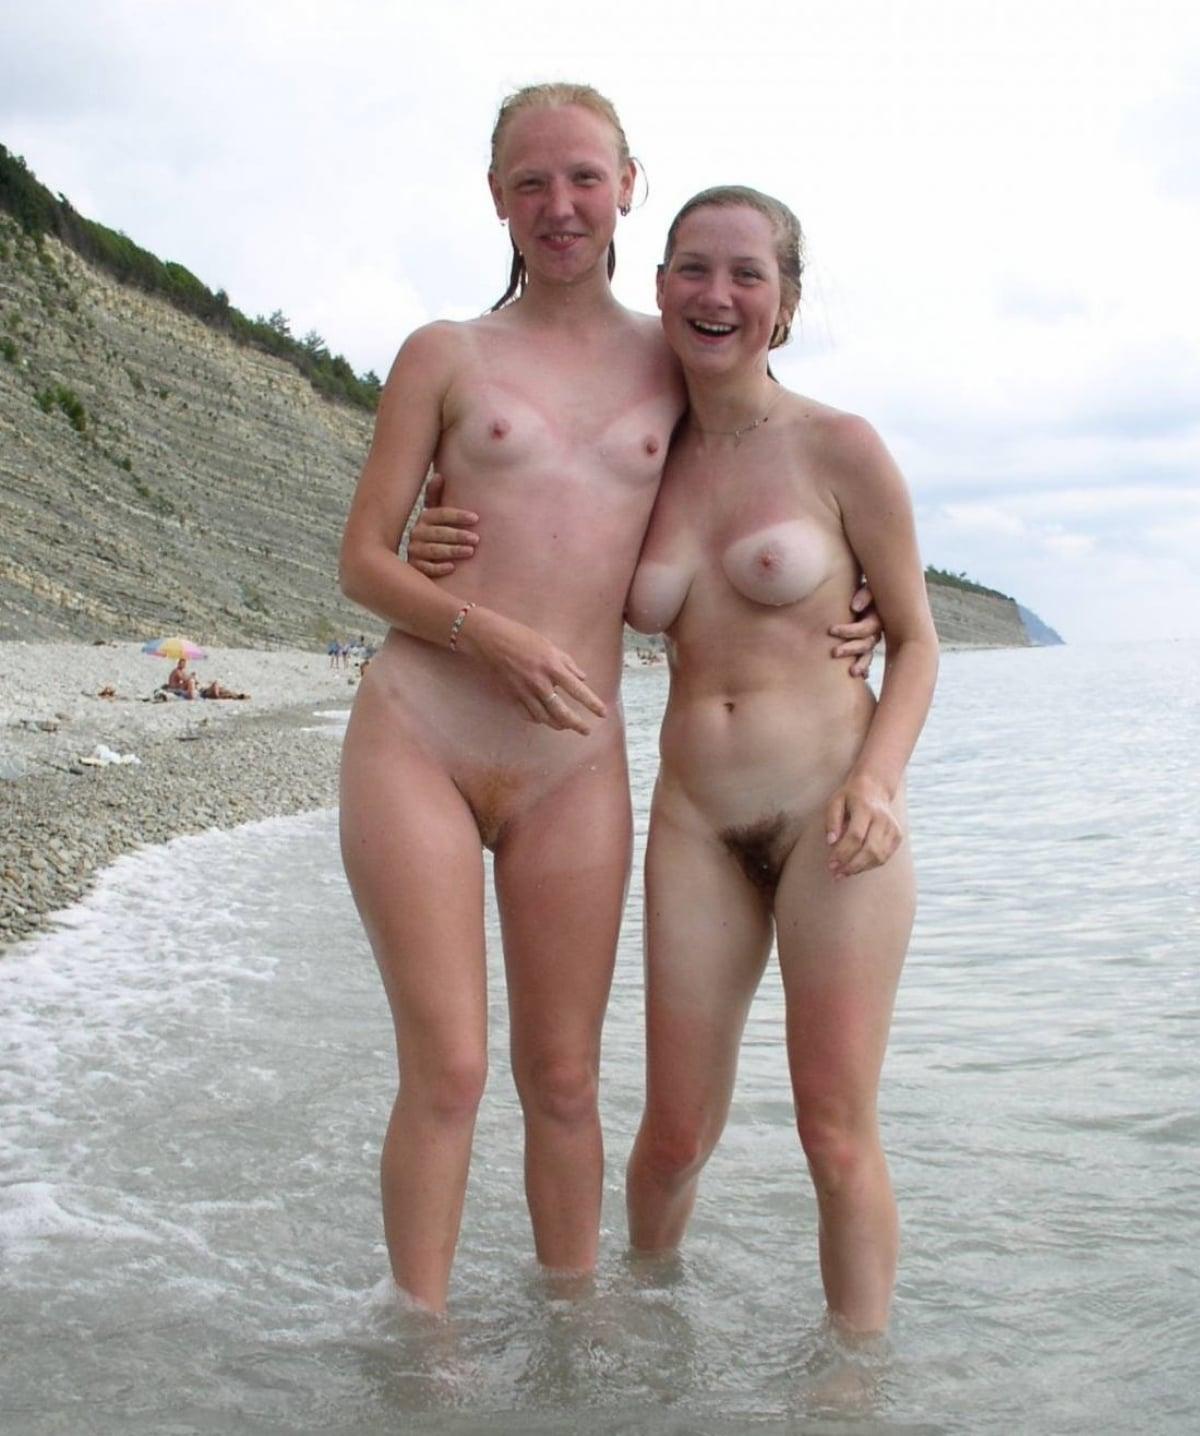 https://sexyna.org/wp-content/uploads/2019/11/Nahé-holky-na-pláži-27.jpg